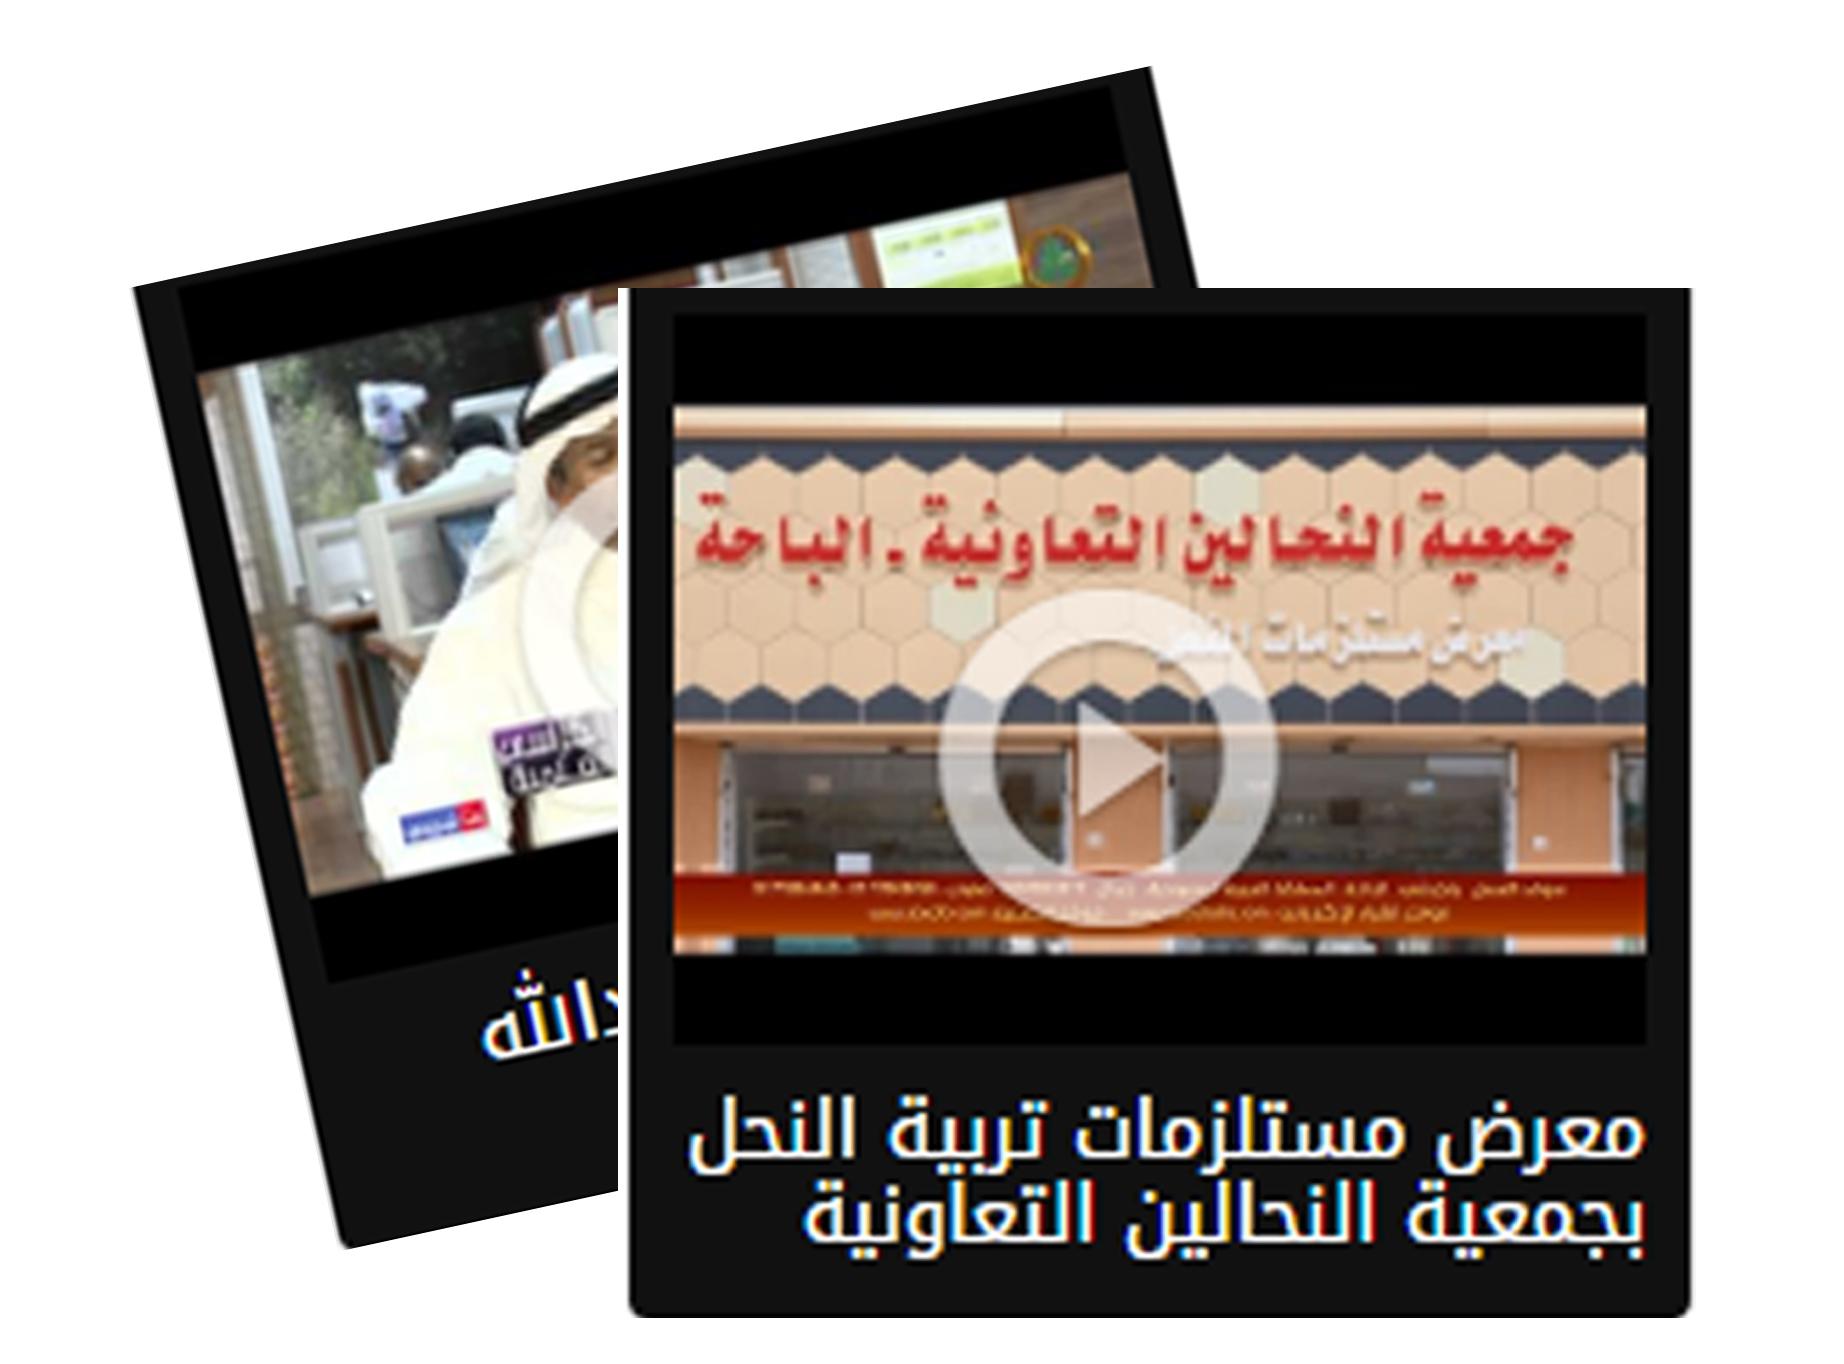 فيديوهات المعهد